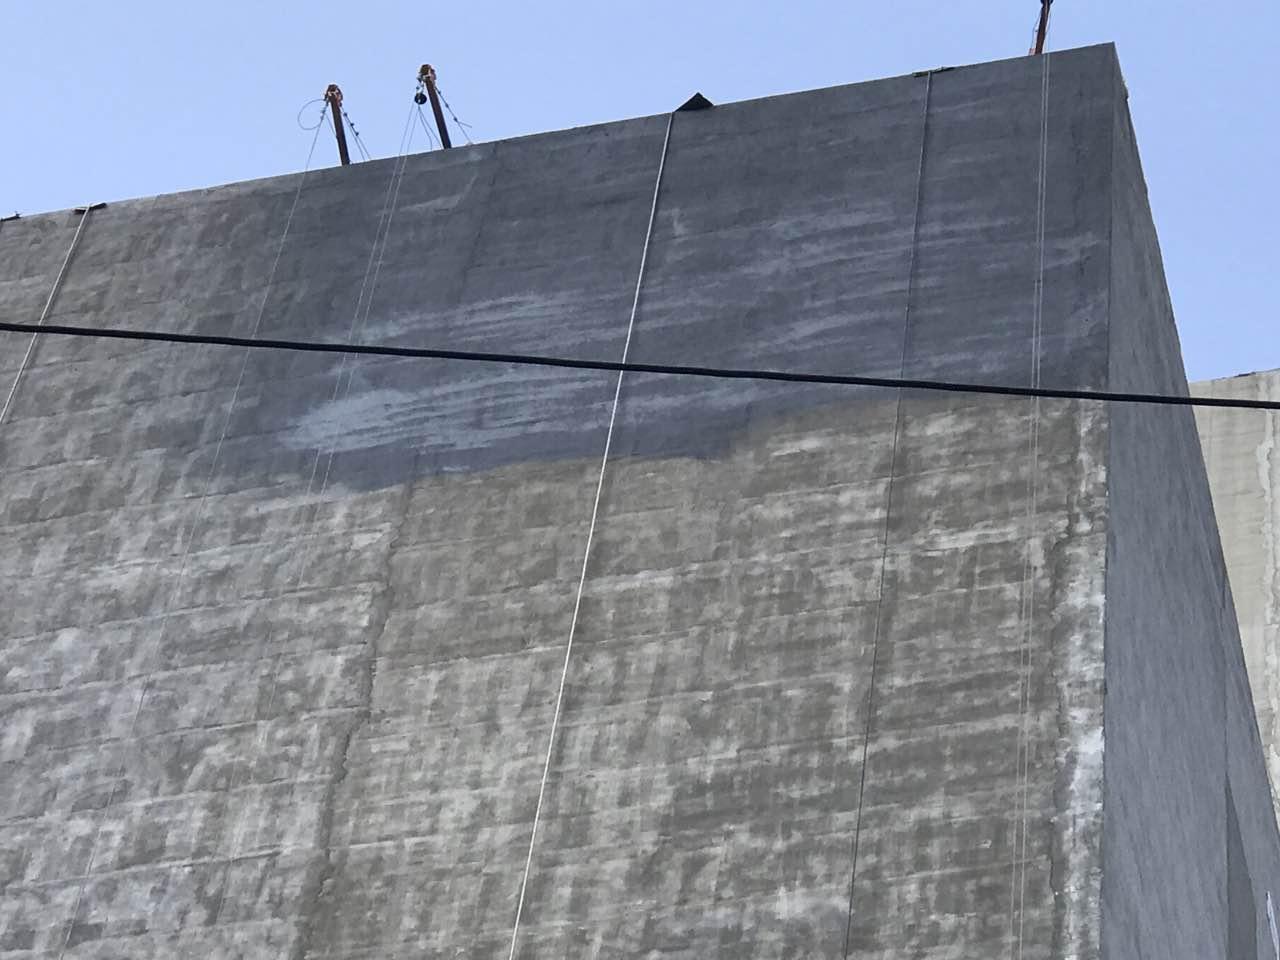 兰州东部市场品牌楼兰州国际创意城外墙正在施工